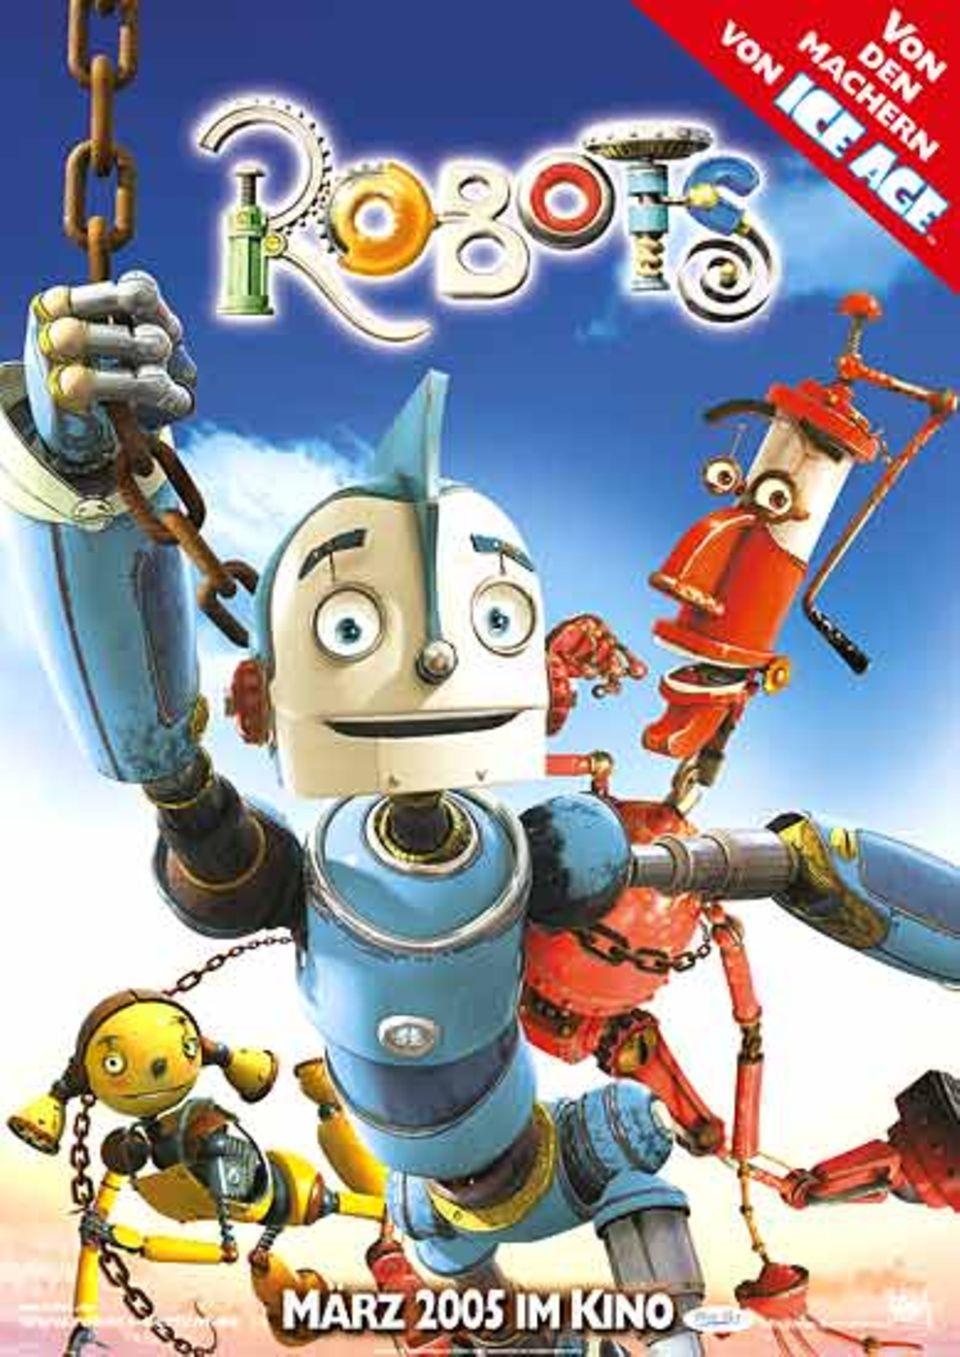 """""""ROBOTS"""" - ab 17. März 2005 in den deutschen Kinos"""